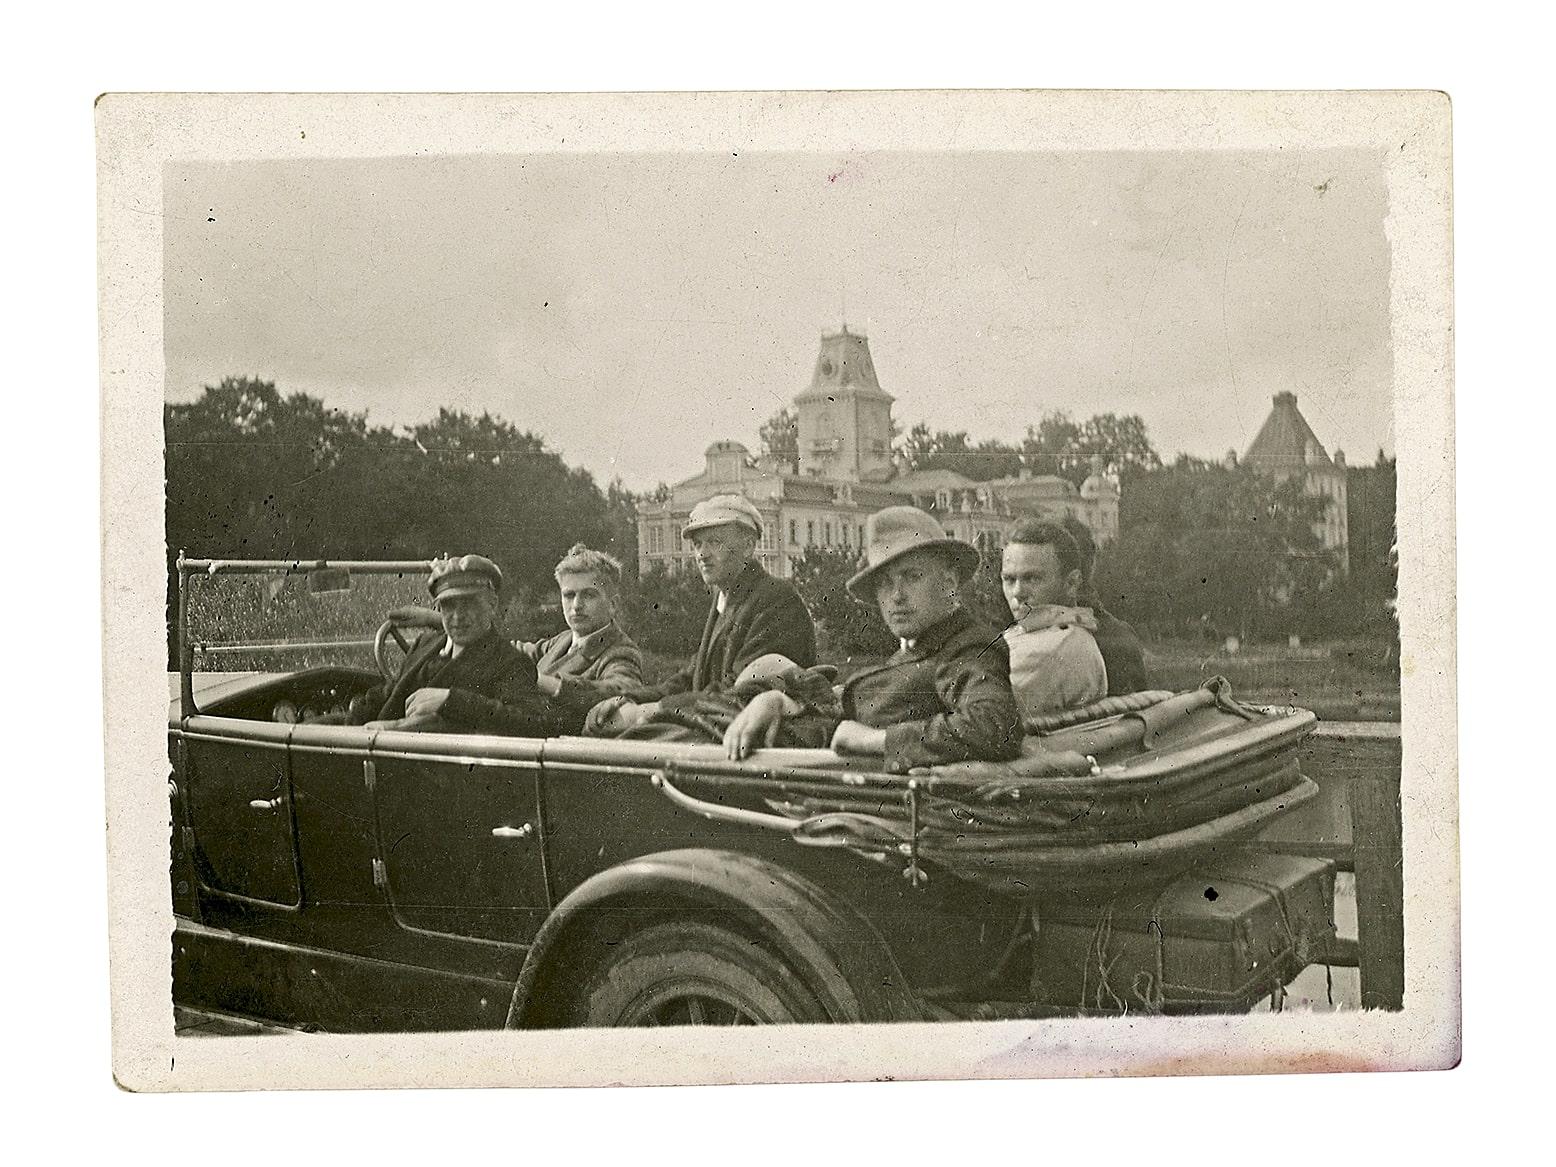 Iškylautojai automobilyje, fone Kėdainių dvaro rūmai, XX a. 4 (?) deš.